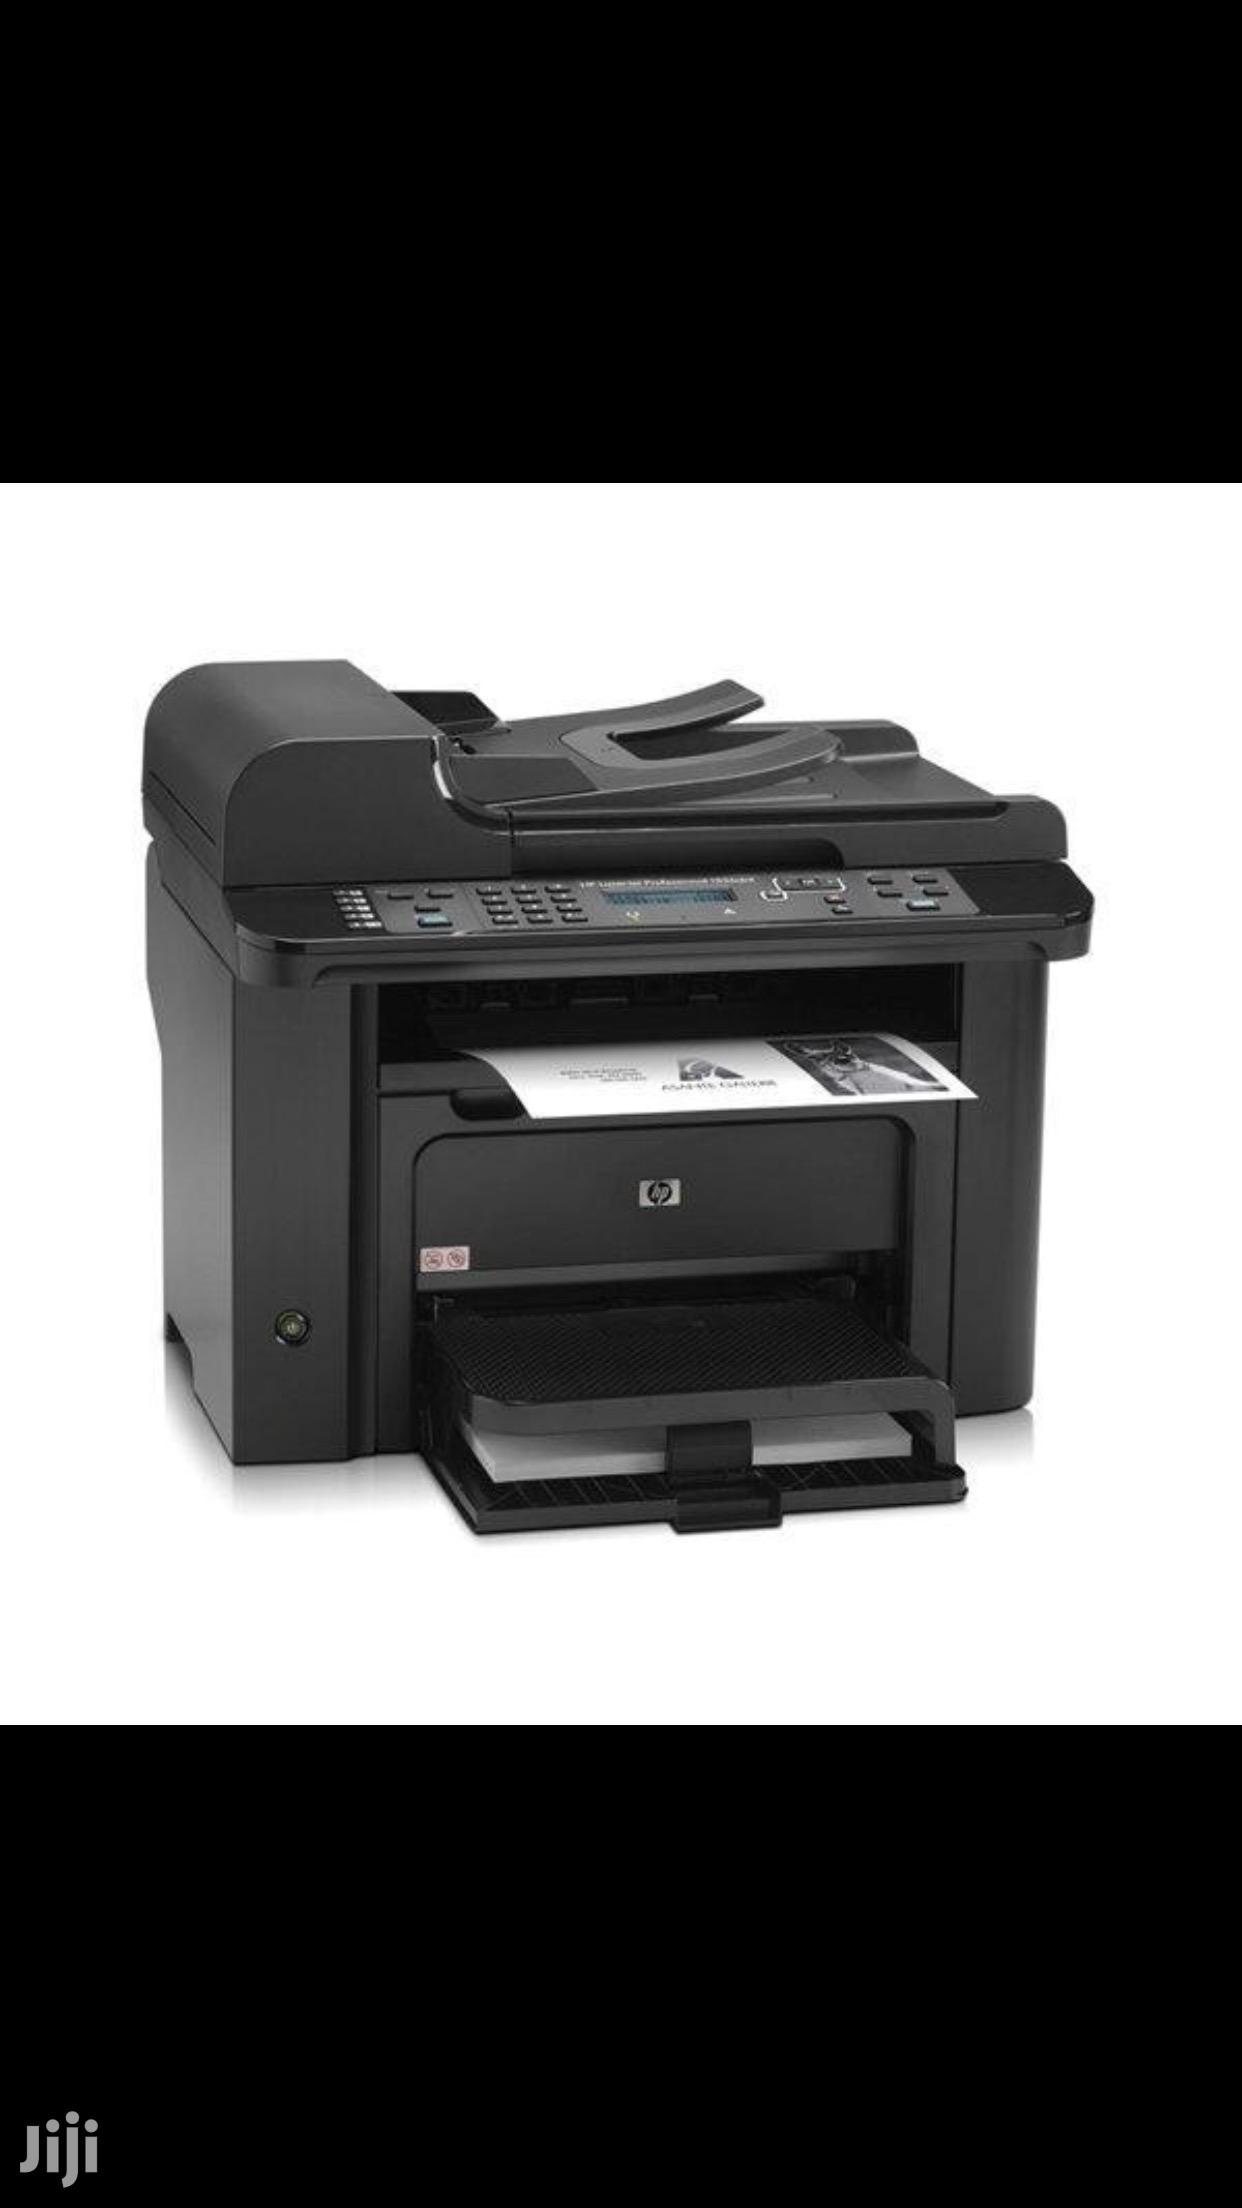 Repair Of Printer